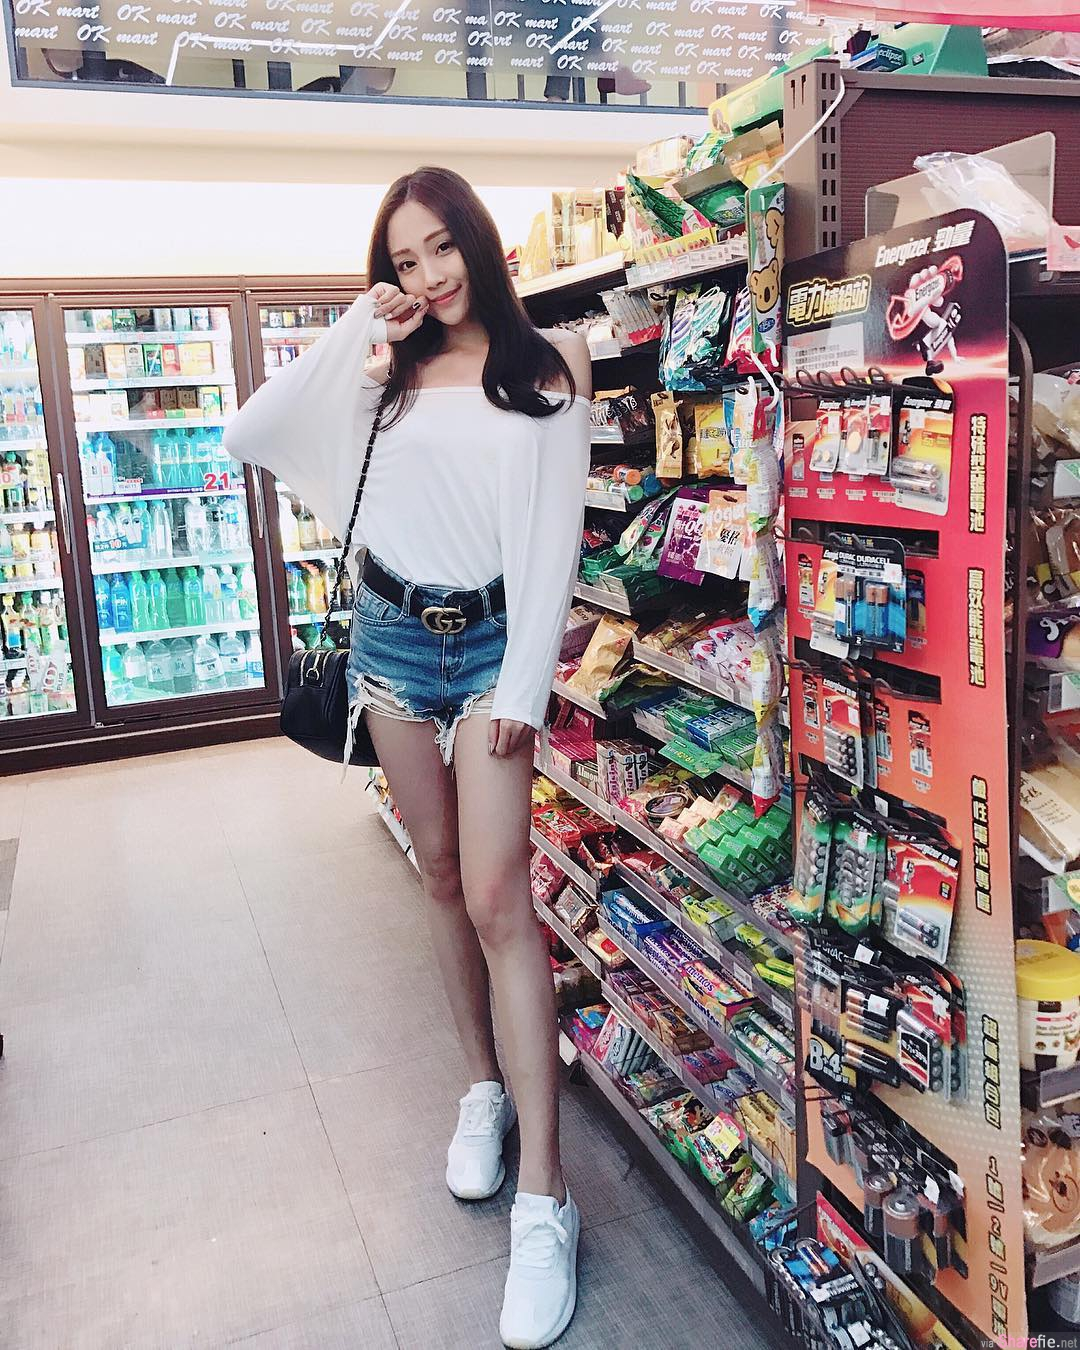 台湾美腿正妹罗依璇,清新甜美水蛇腰